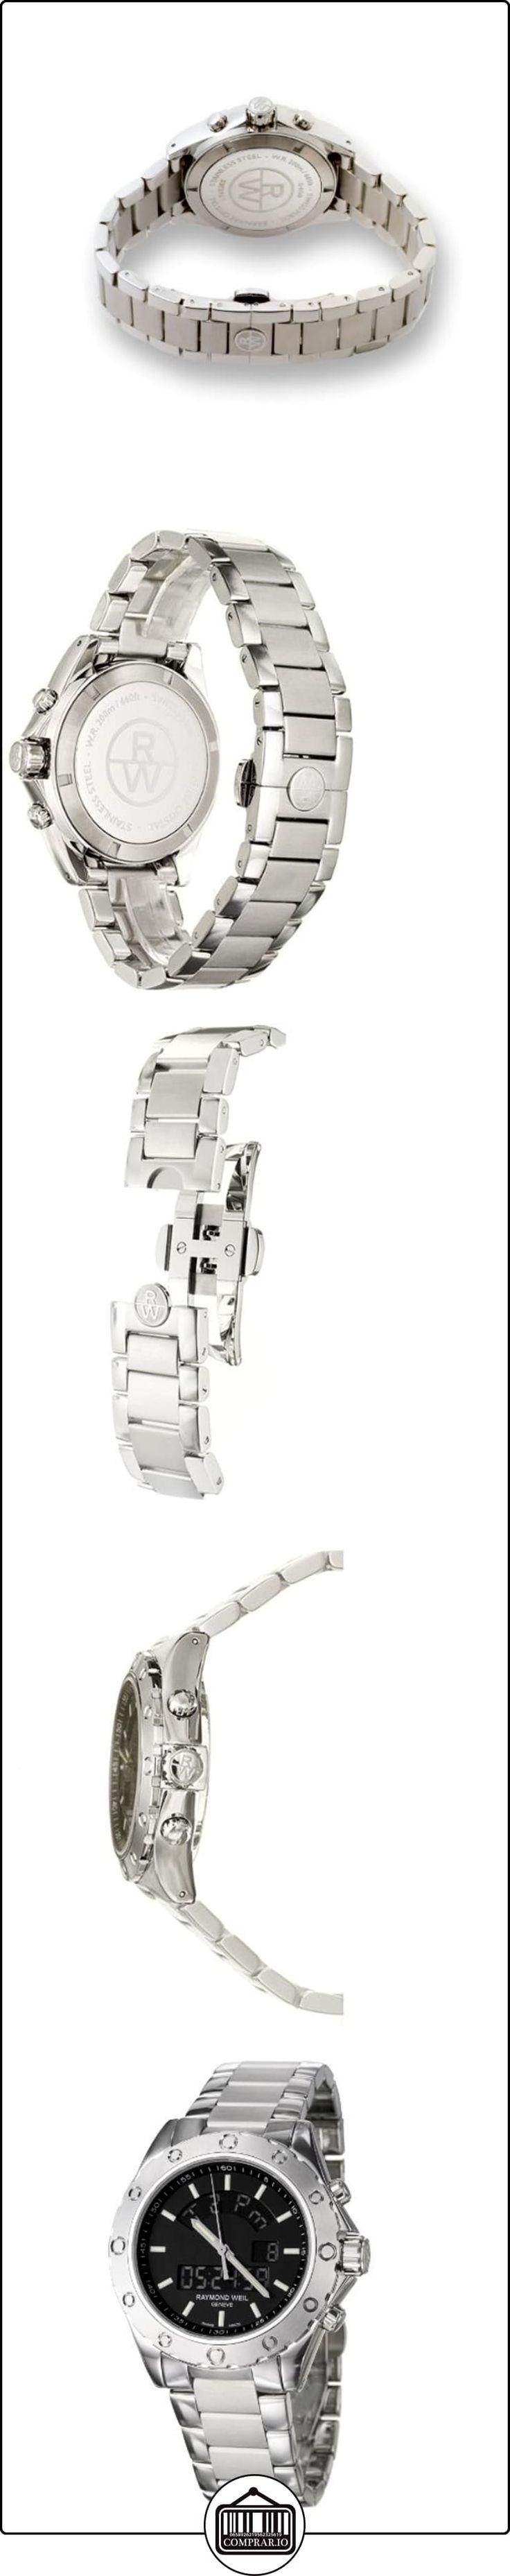 Raymond Weil 8400-ST-20001 - Reloj de caballero de cuarzo, correa de acero inoxidable  ✿ Relojes para hombre - (Lujo) ✿